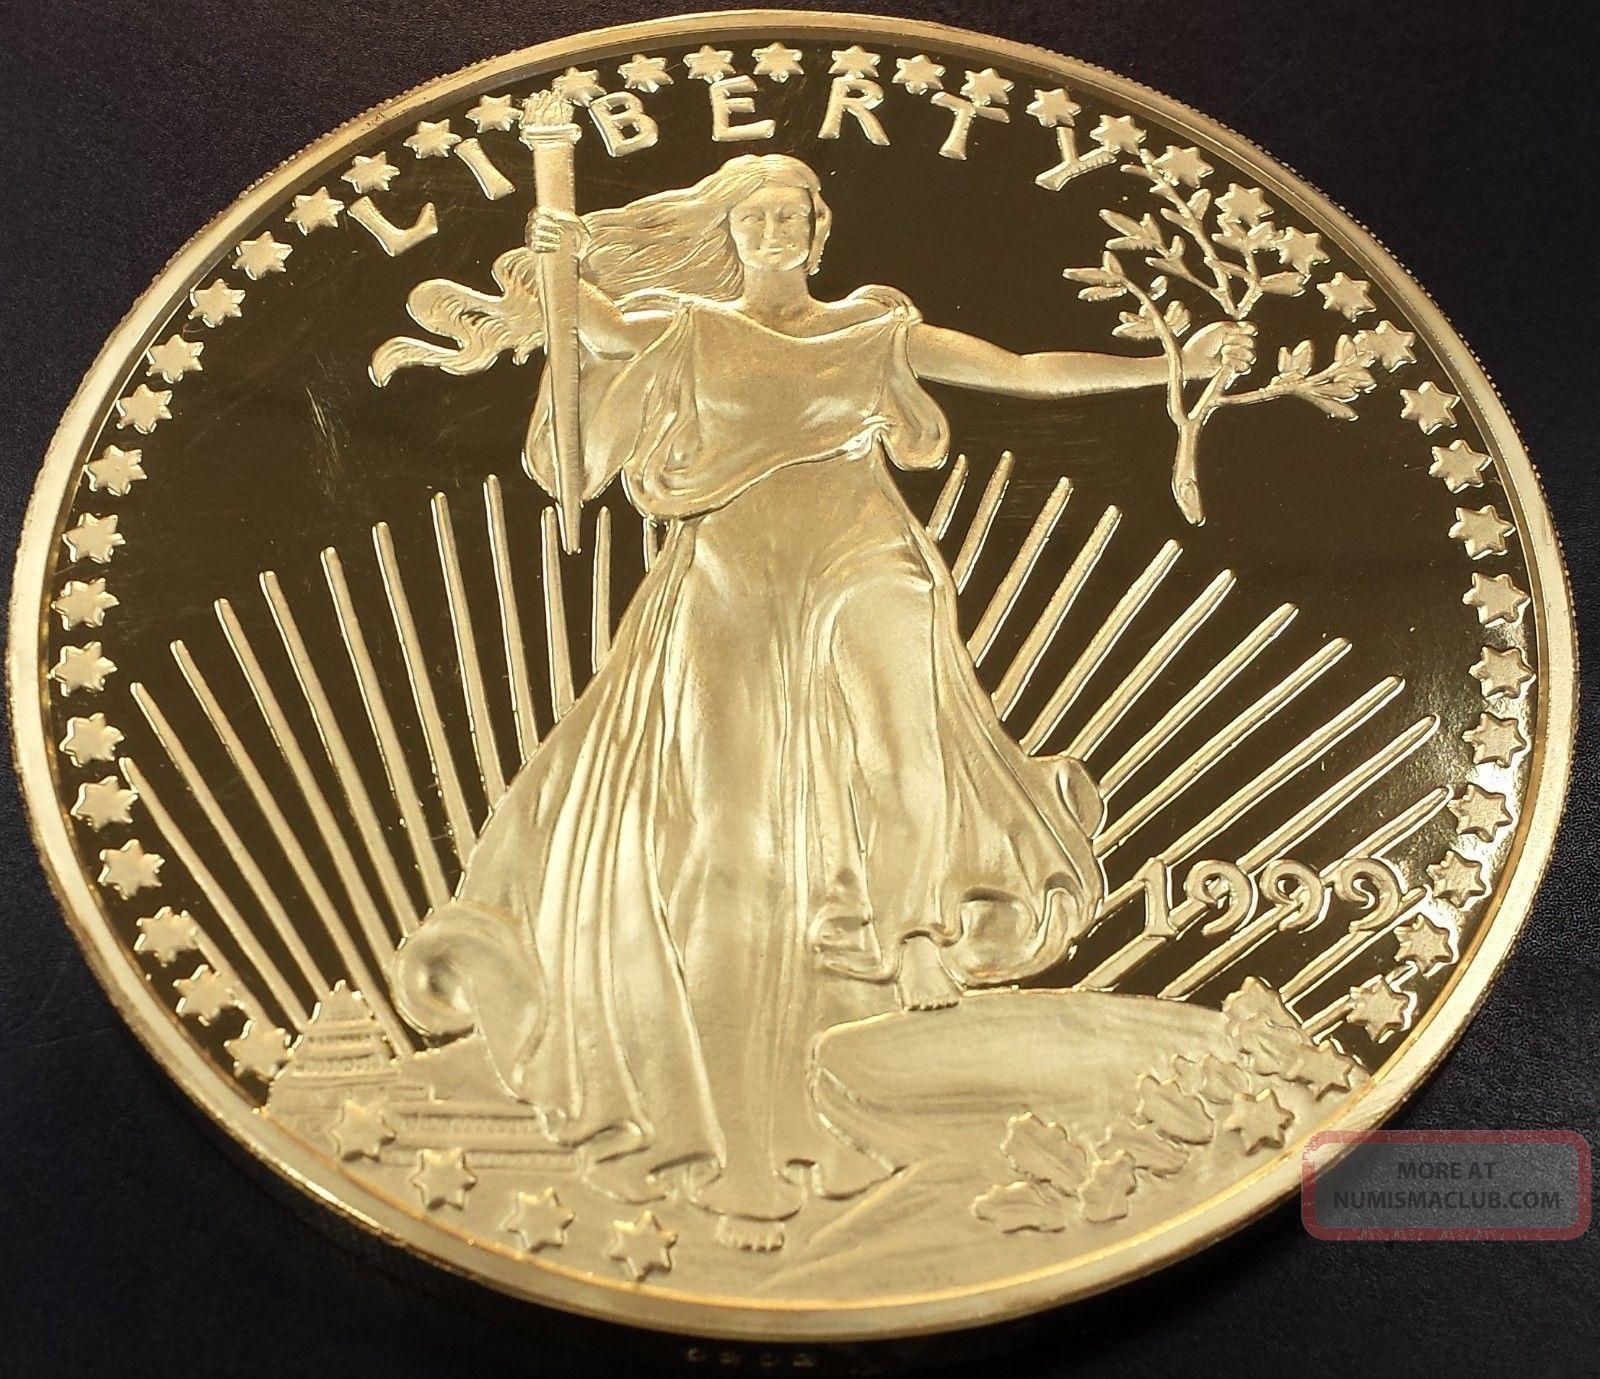 1999 Giant One Pound Golden Eagle Sixteen Troy Ounces 0